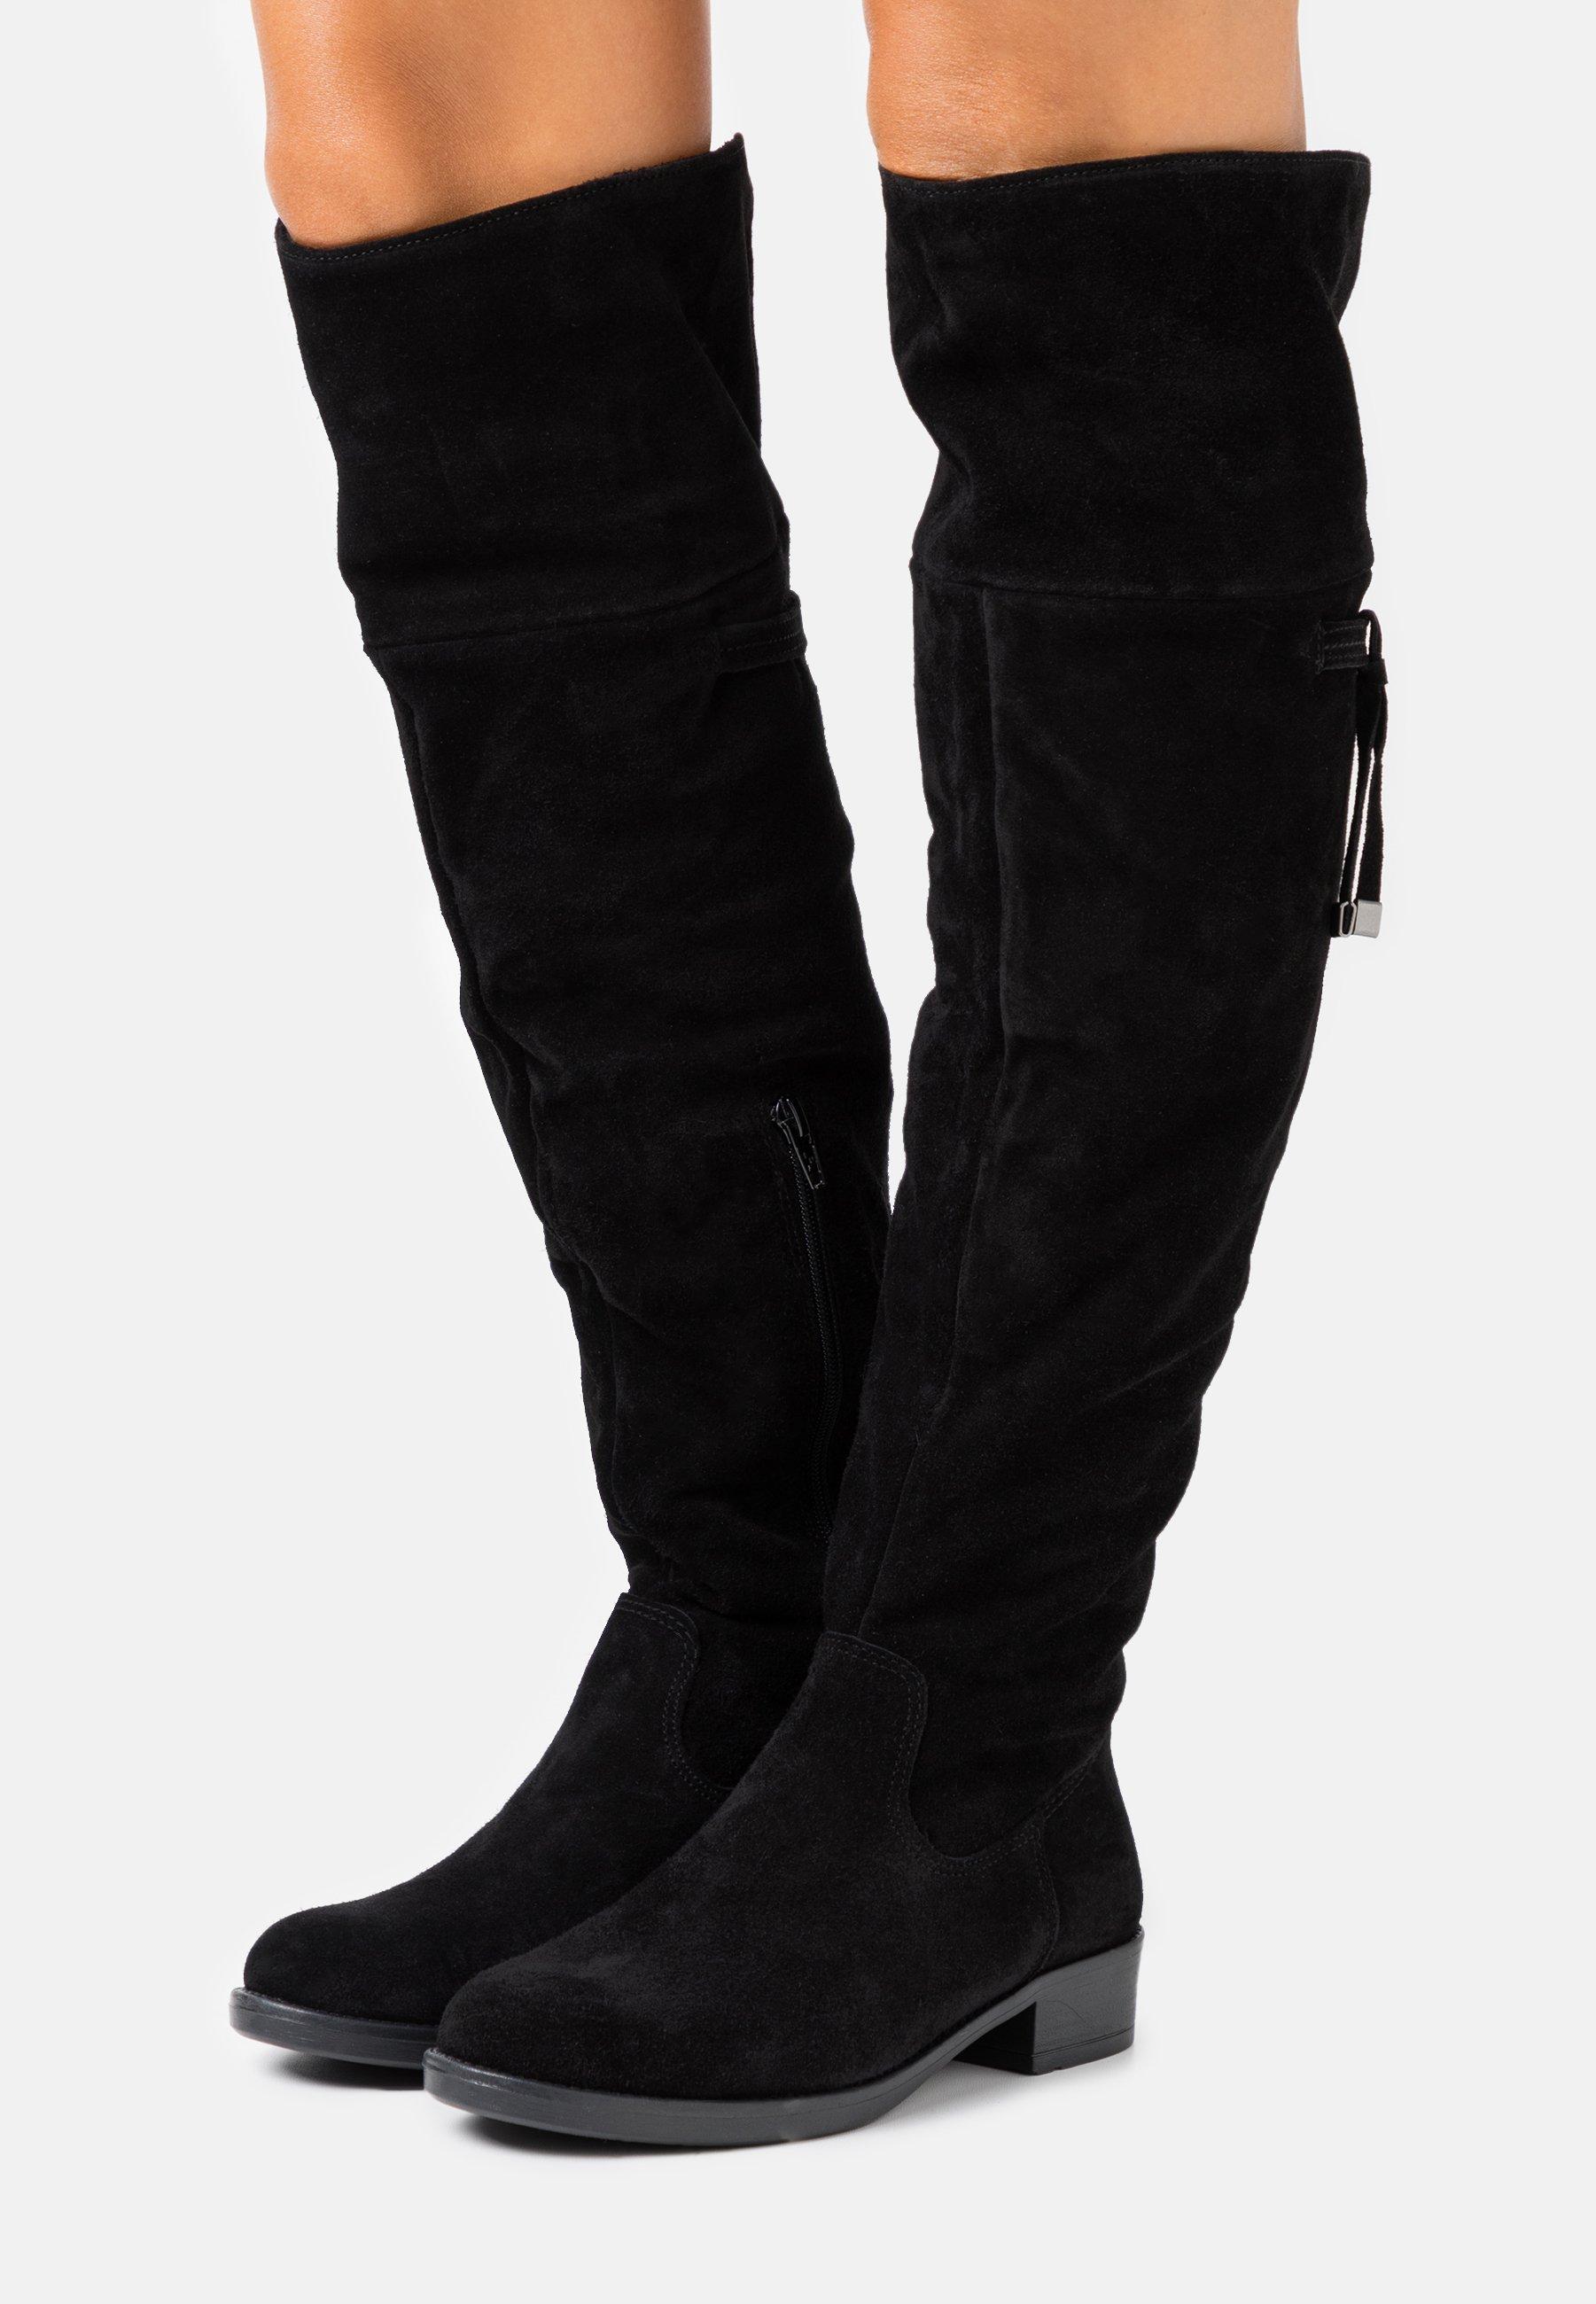 Tamaris BOOTS Overknee laarzen black Zalando.nl